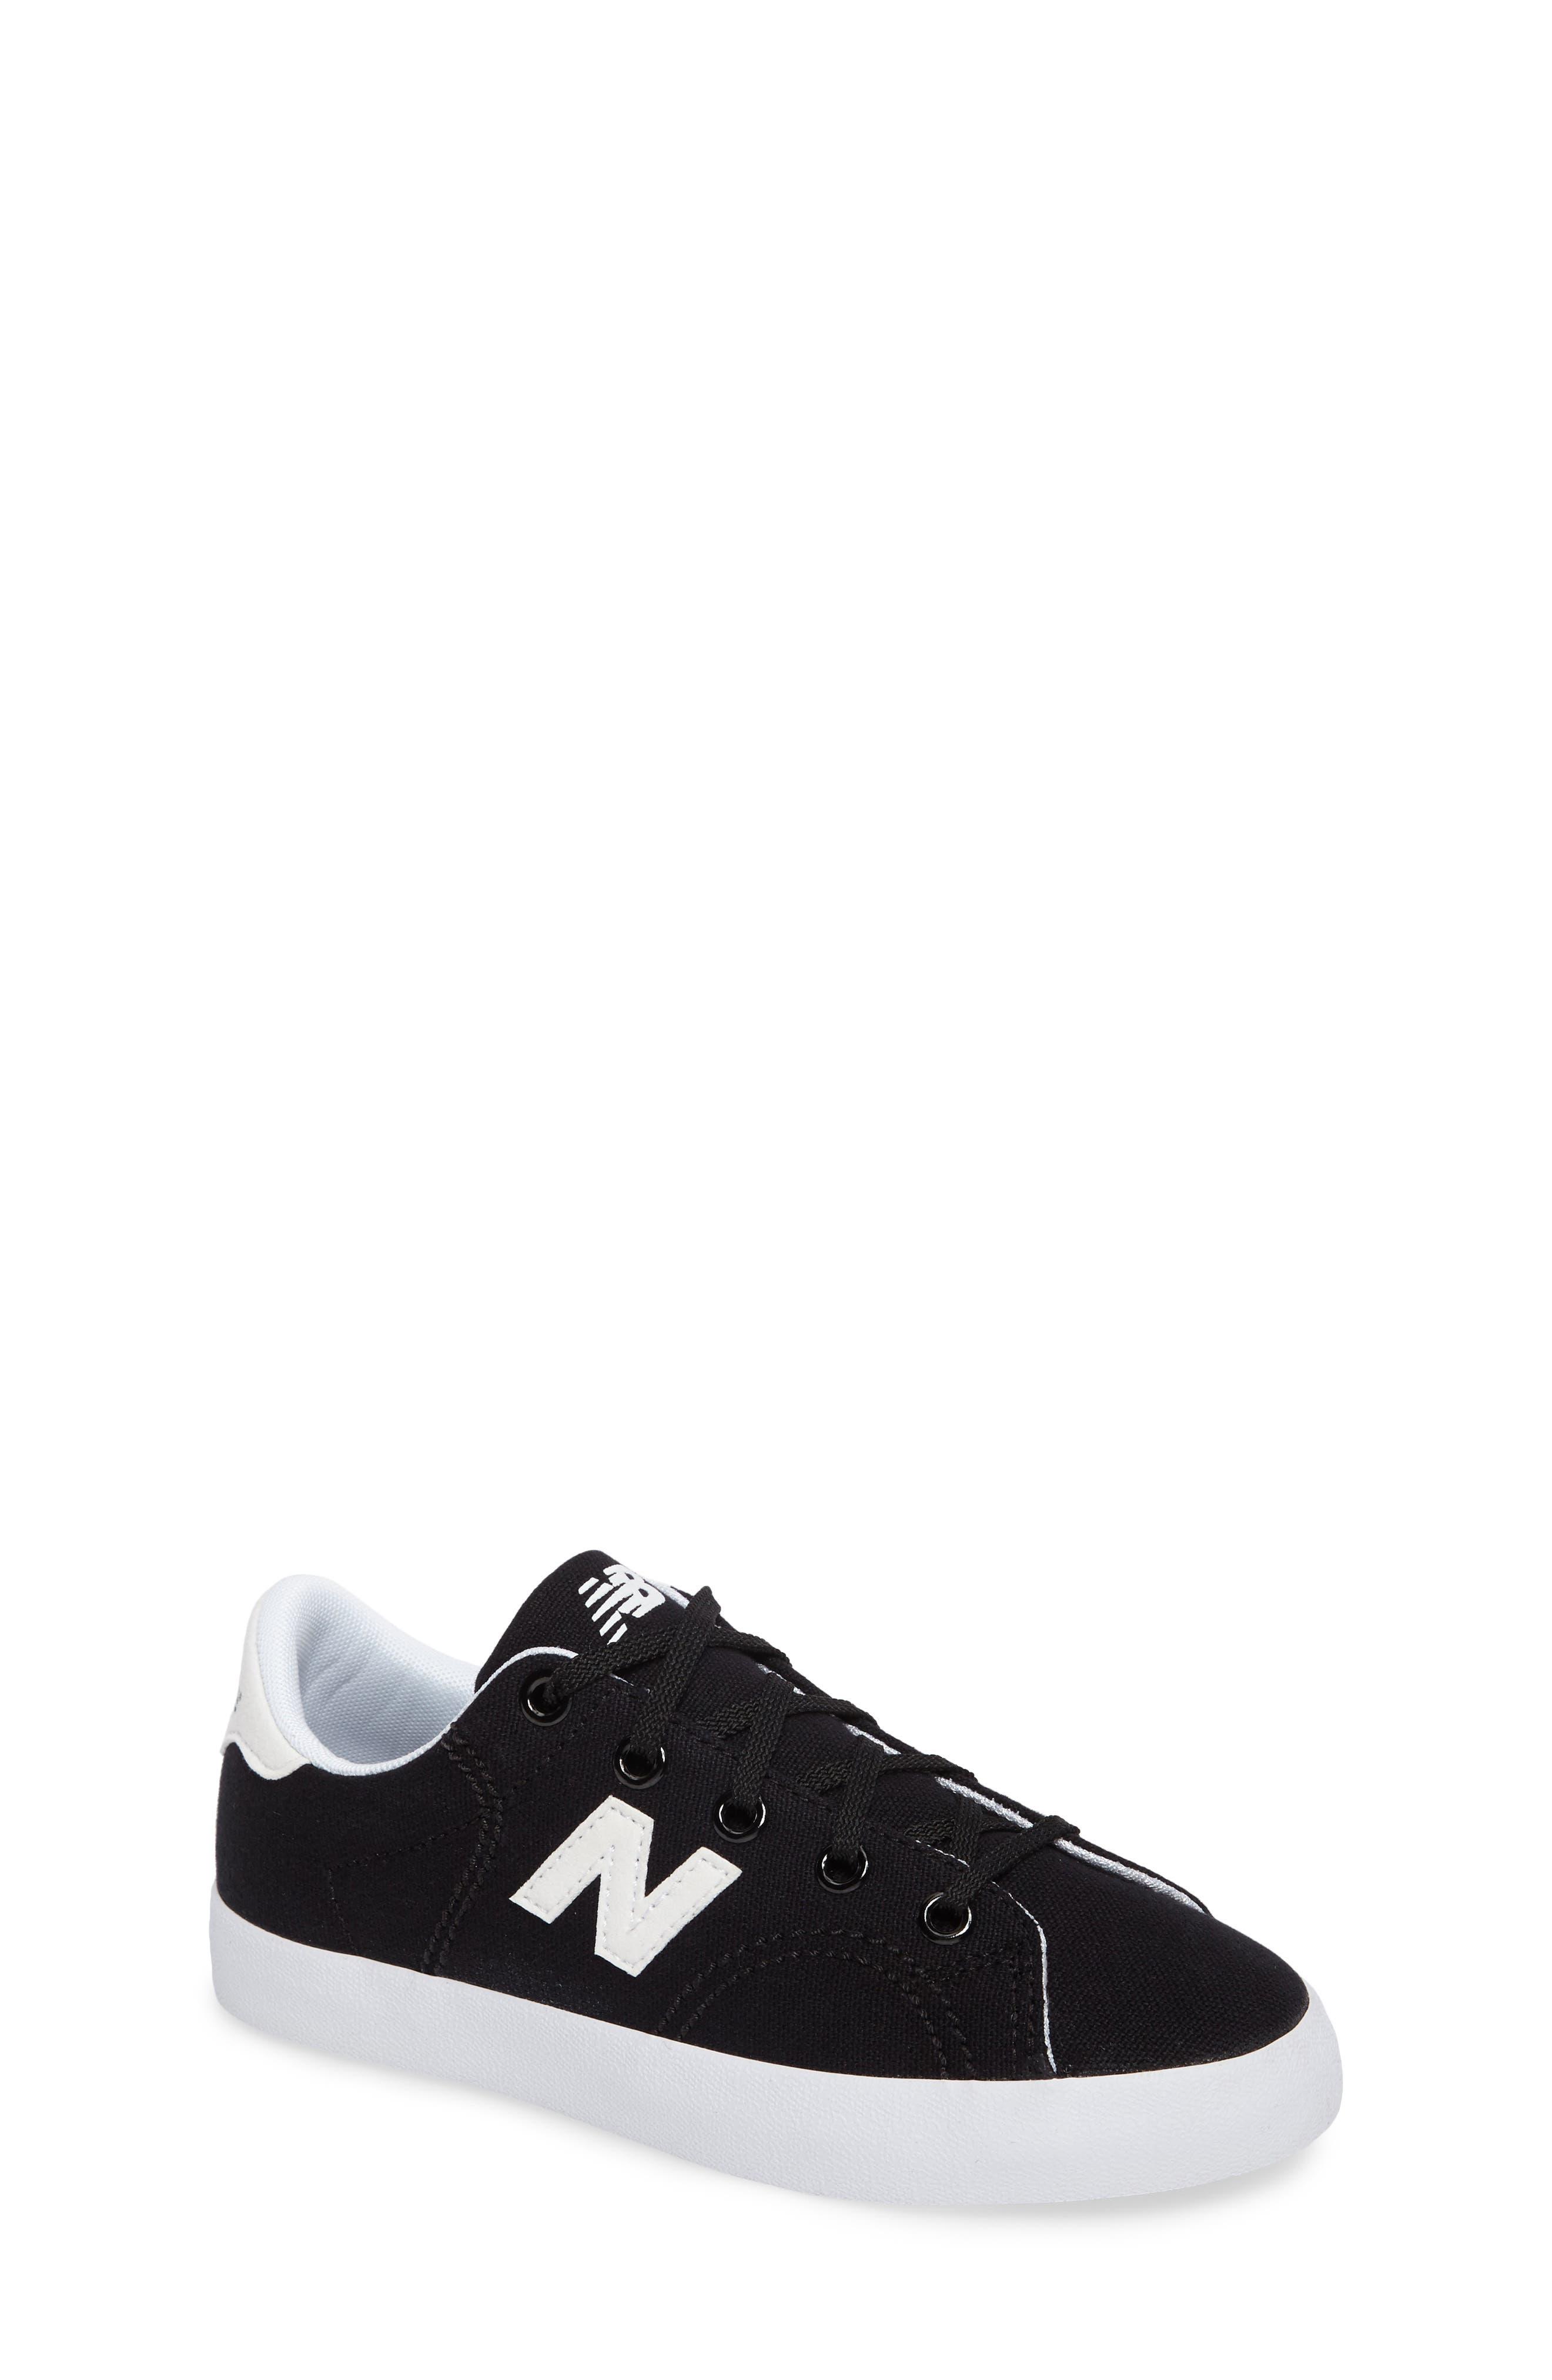 Pro Court Sneaker,                             Main thumbnail 1, color,                             001